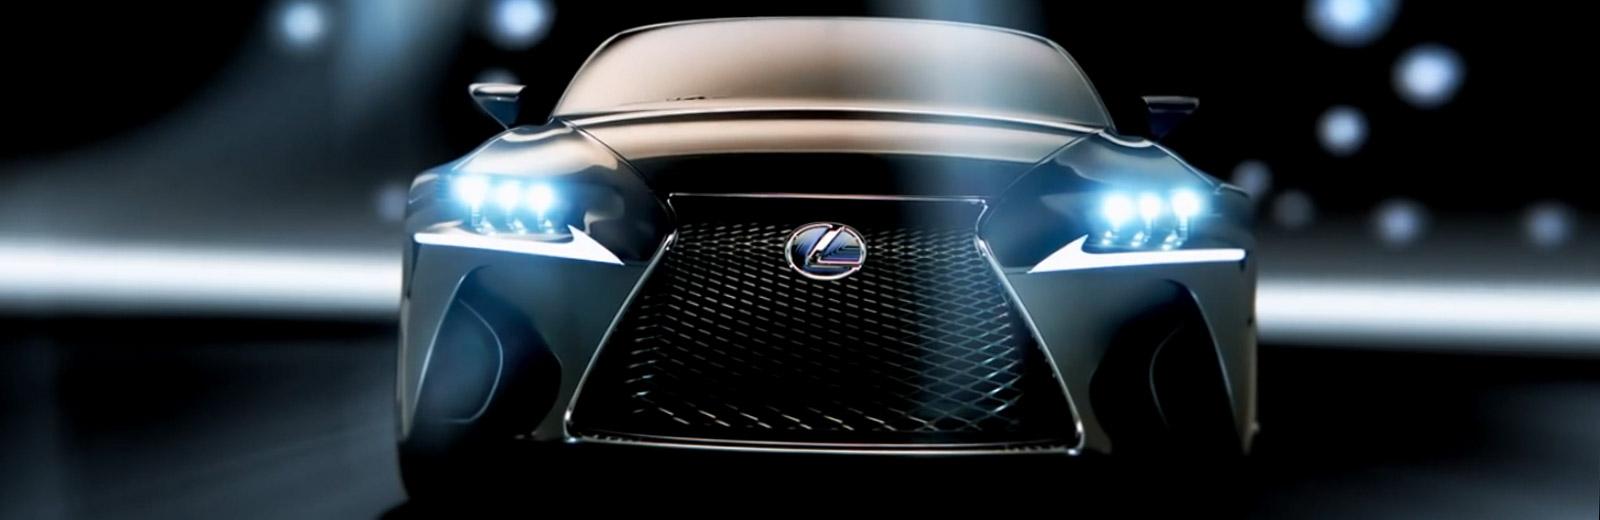 Lexus LF CC Կոնցեպտի տեսքը դիմացից